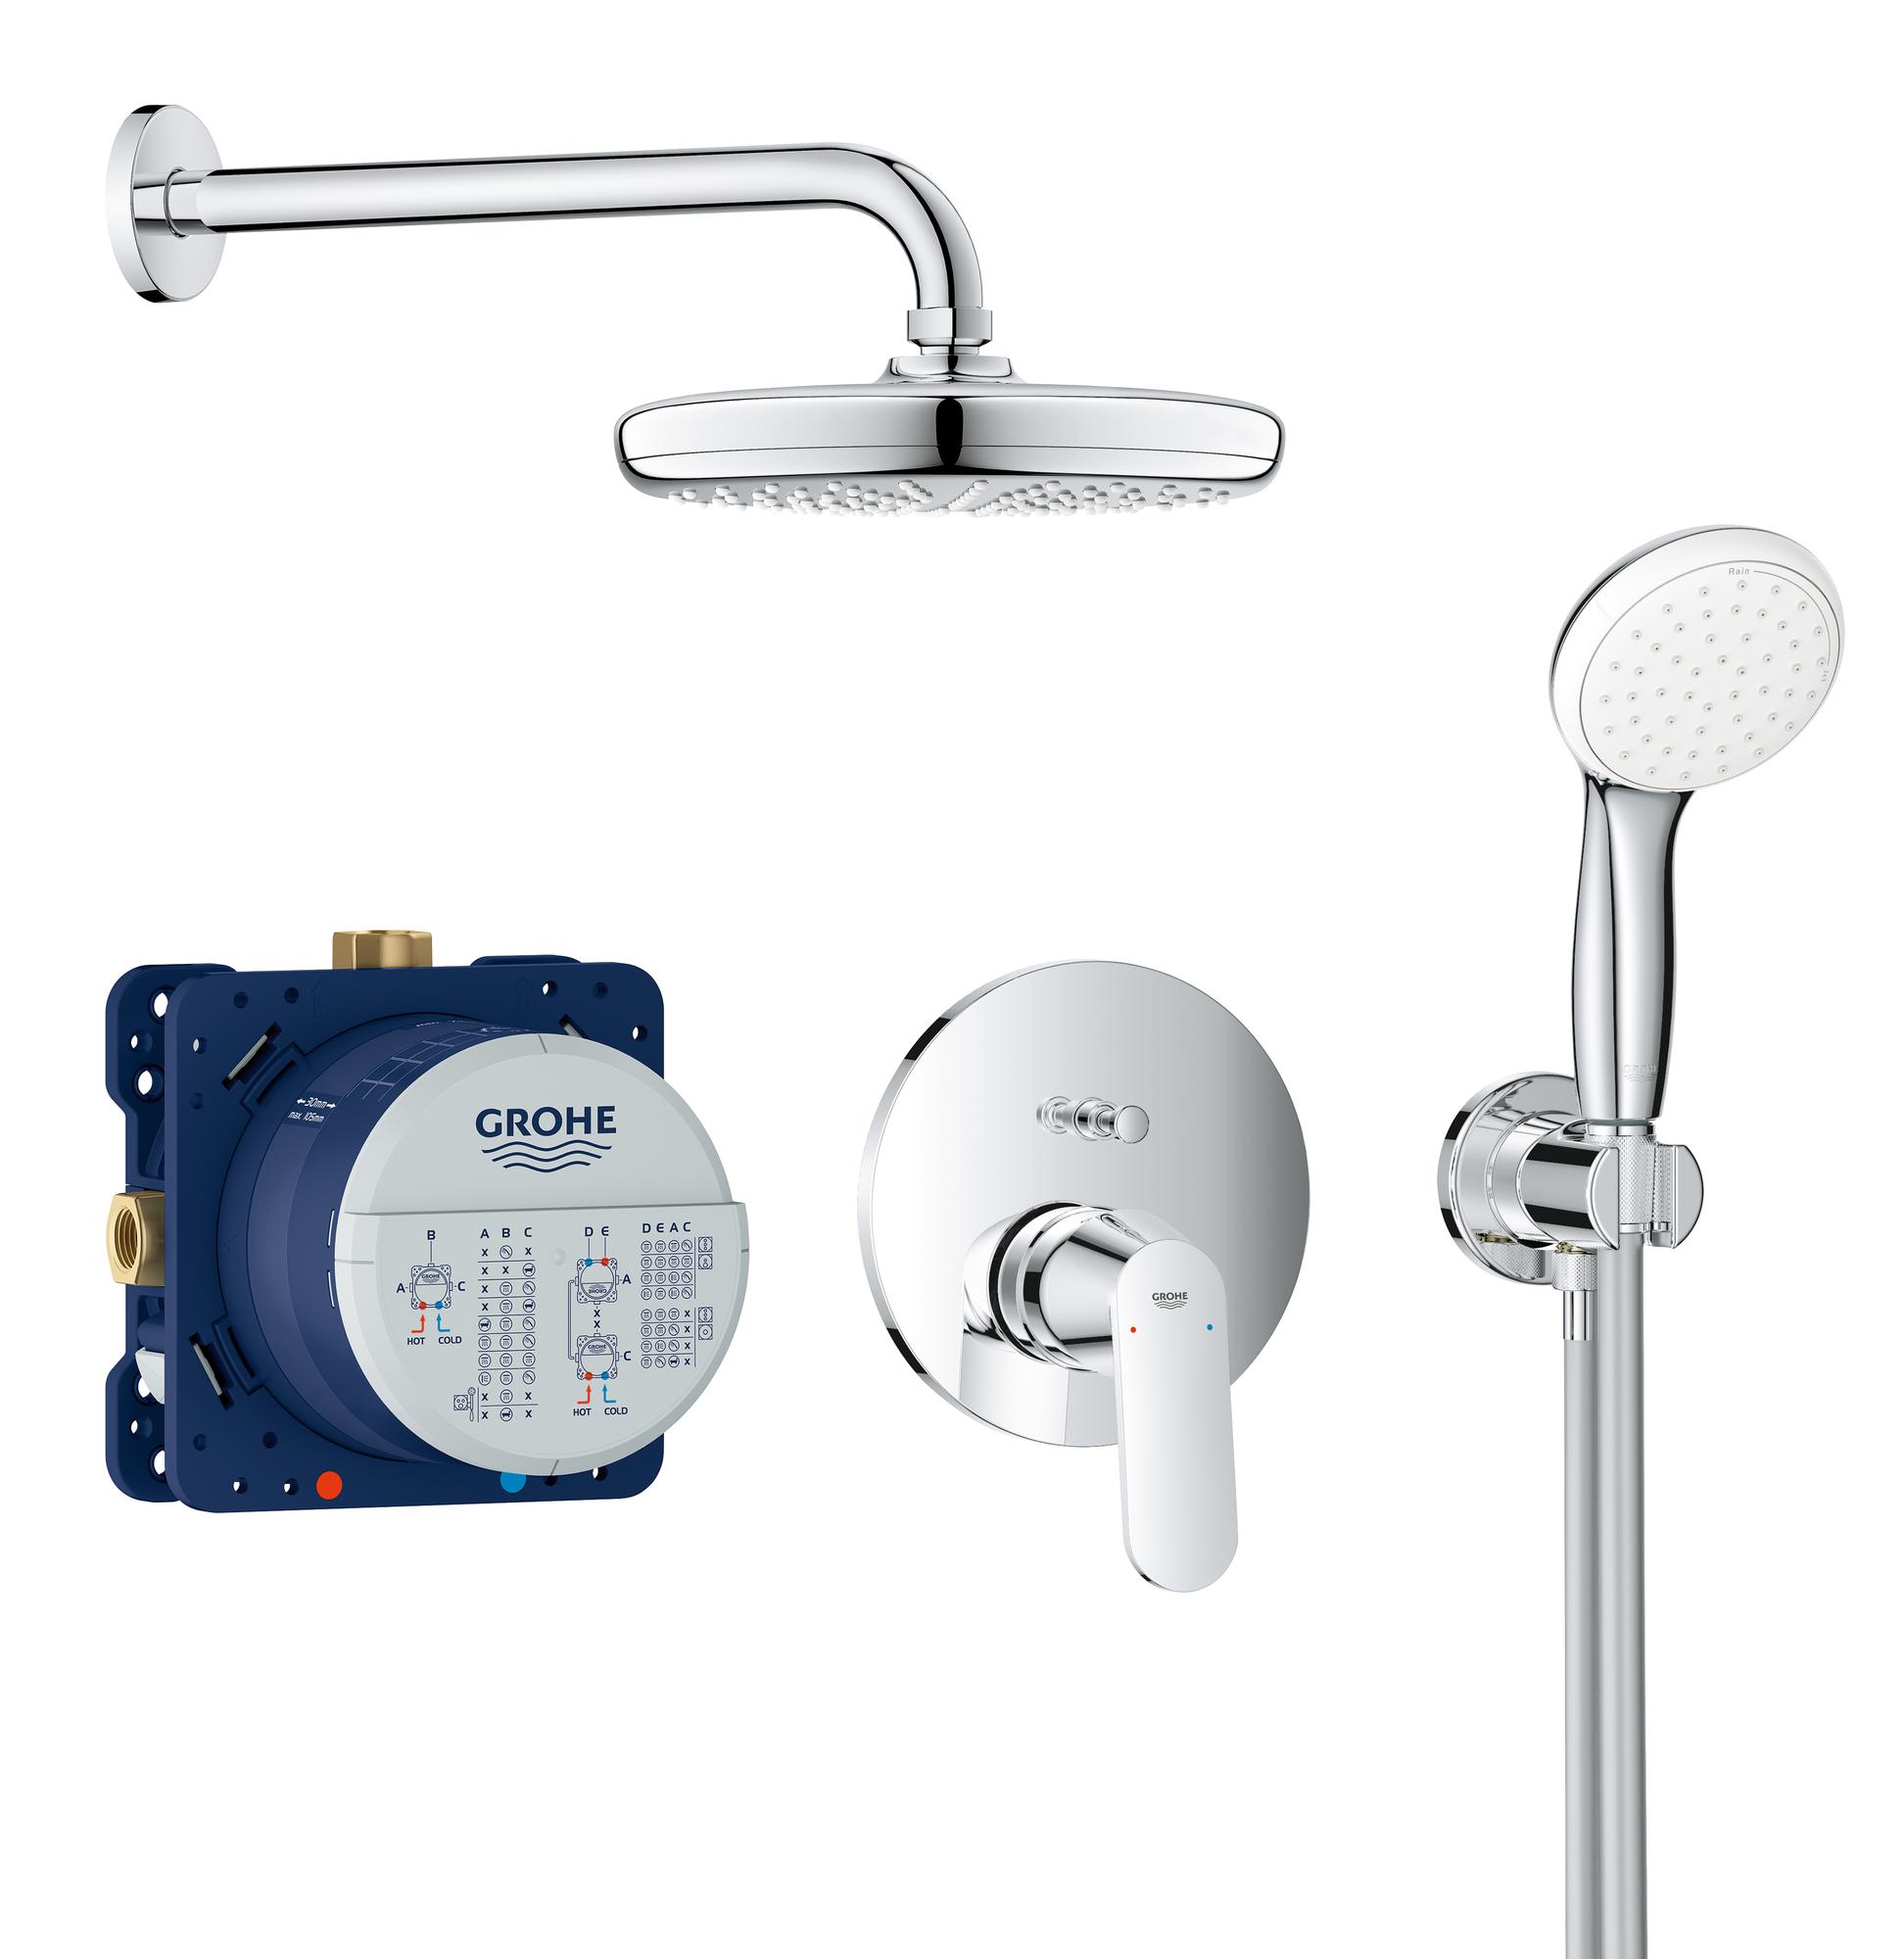 Brause- und Duschsysteme Handbrause 27597001 Chrom GROHE Tempesta 100 2 Strahlarten